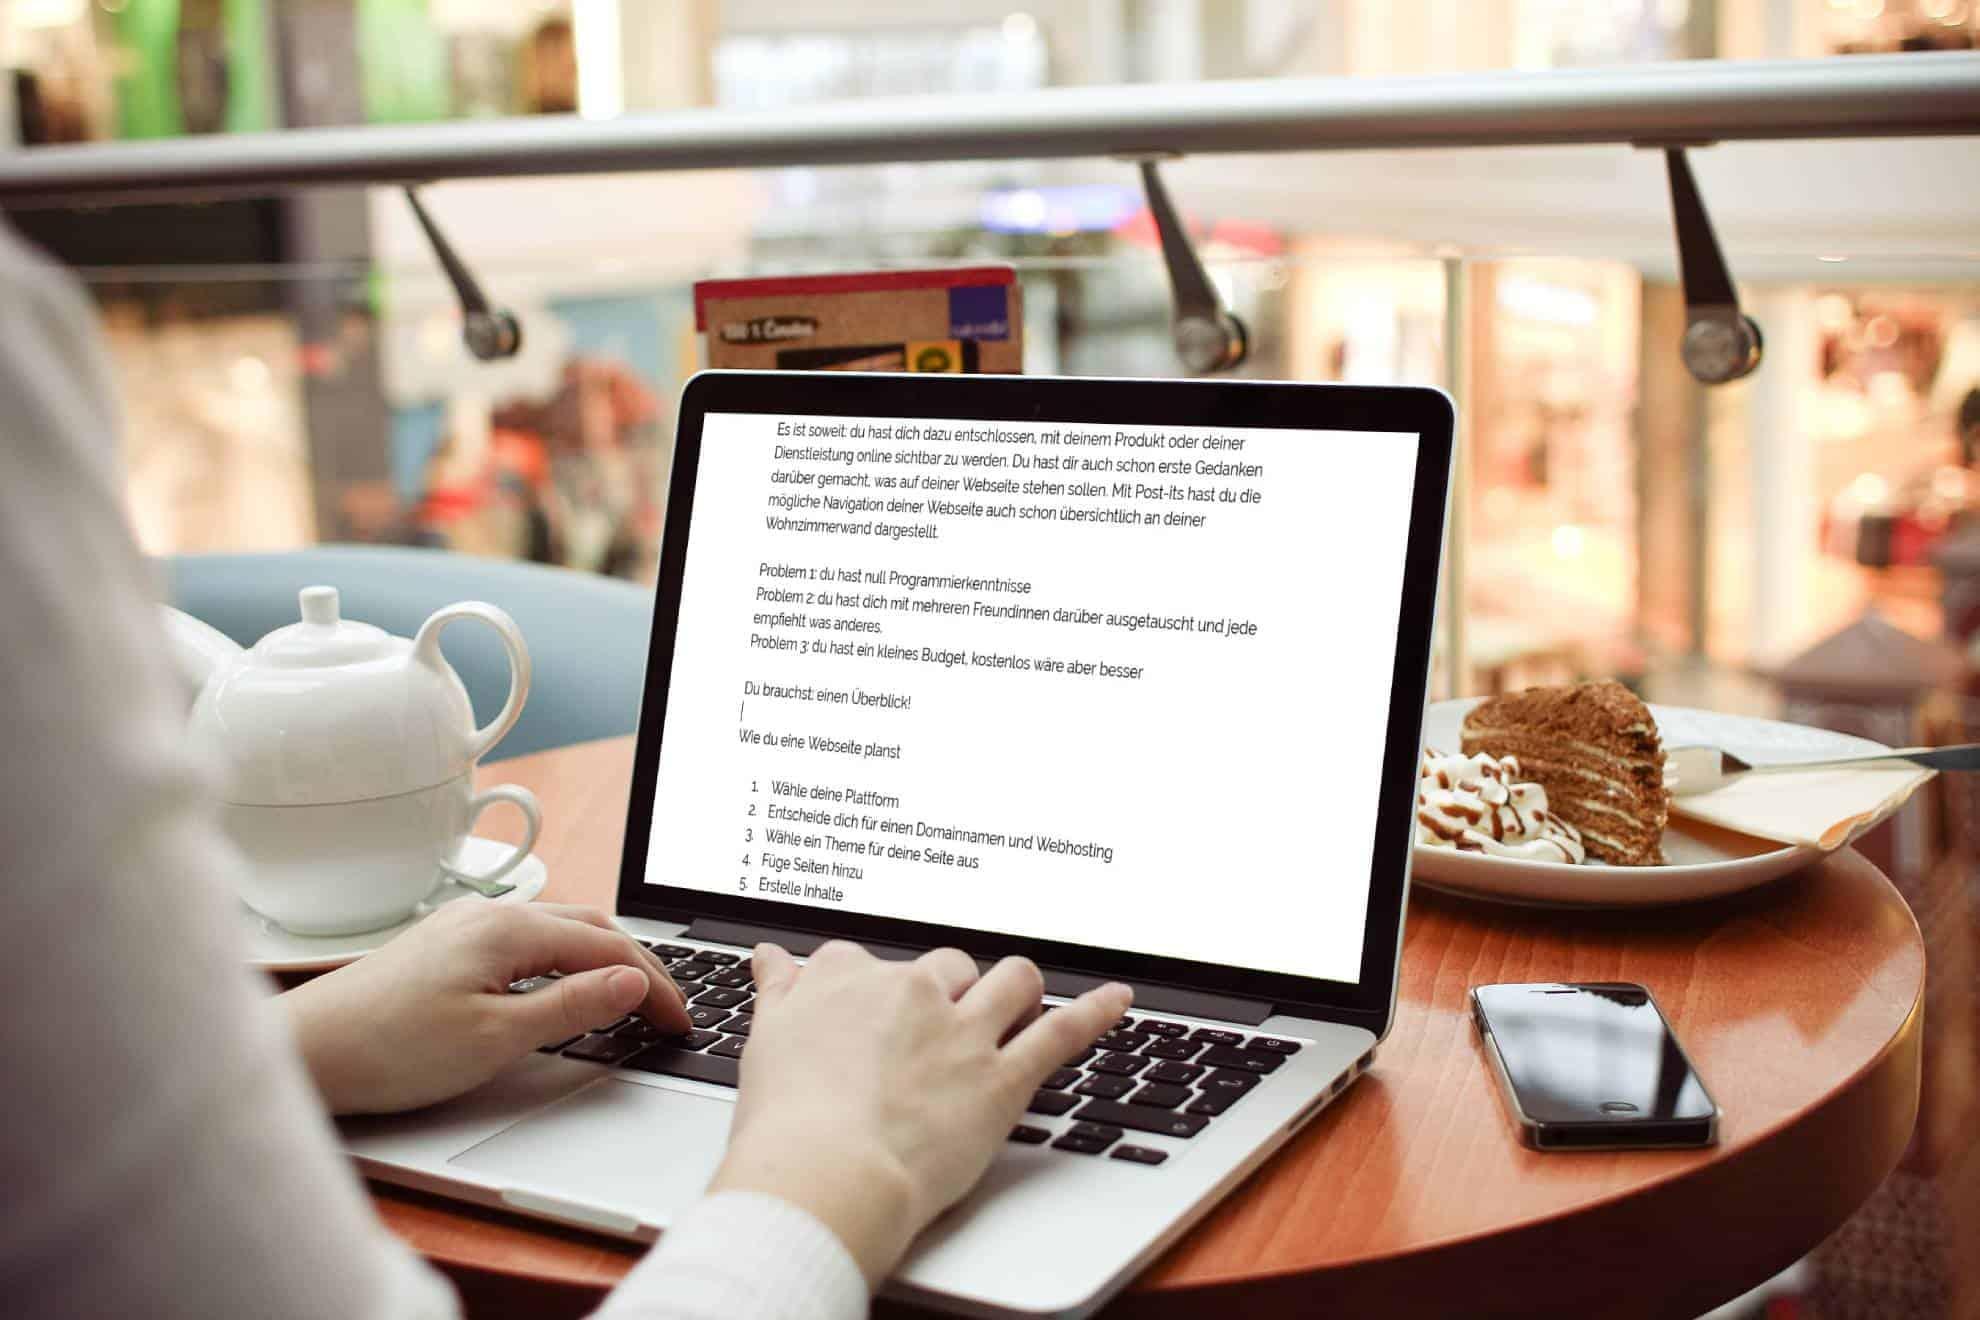 webseite kostenlos erstellen,website erstellen kostenlos,webseite erstellen,website erstellen